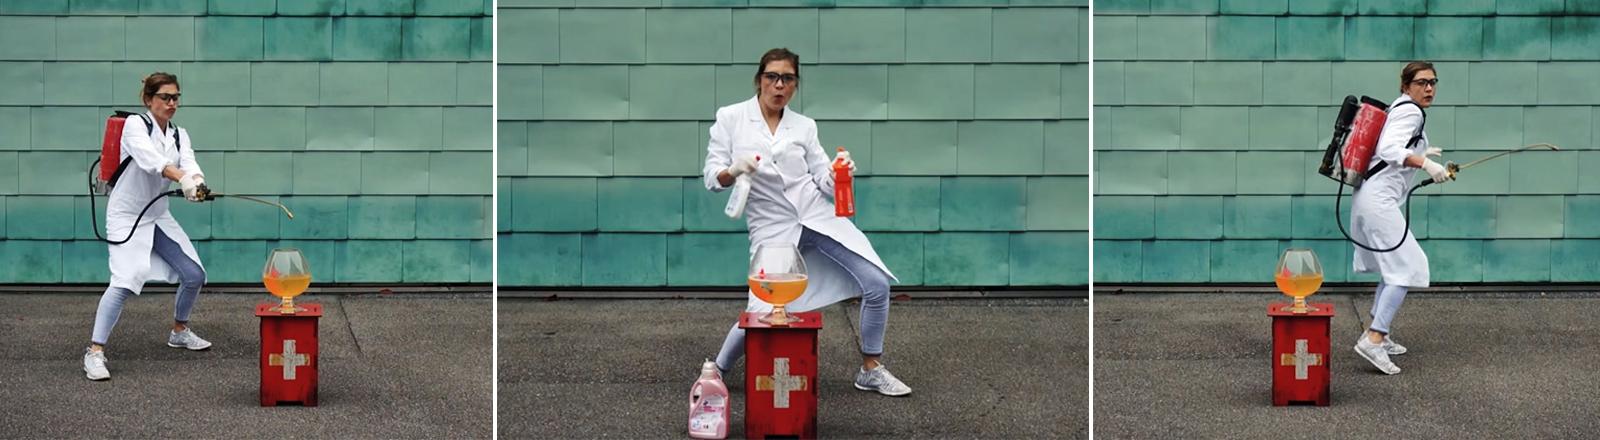 Florence Metz tanzt ihre Promotion in einem Youtube-Video.